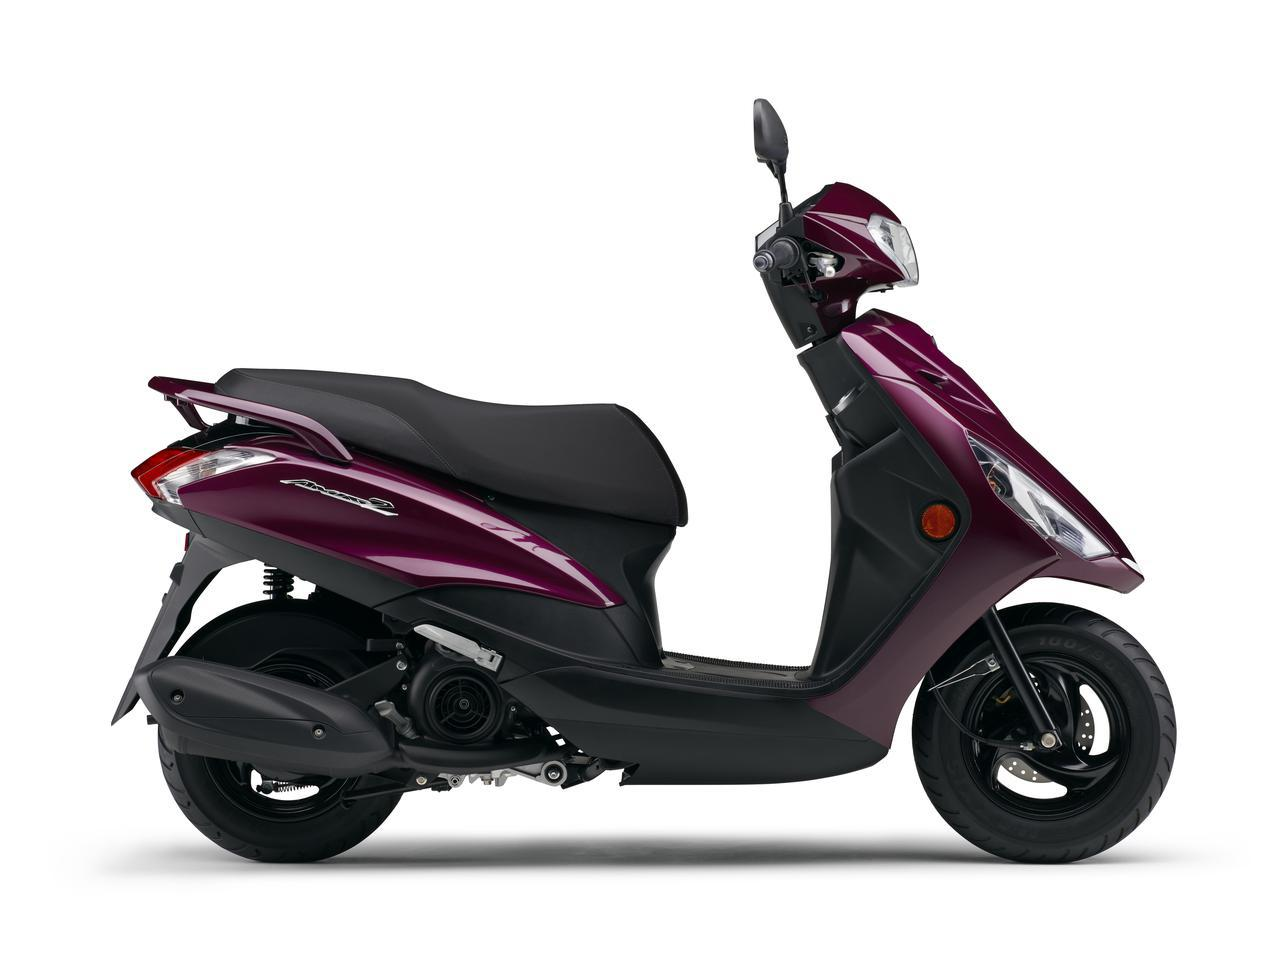 画像13: ヤマハが125ccスクーター「アクシスZ」の2021年モデルを発表! カラーは全5色設定で2月5日に発売